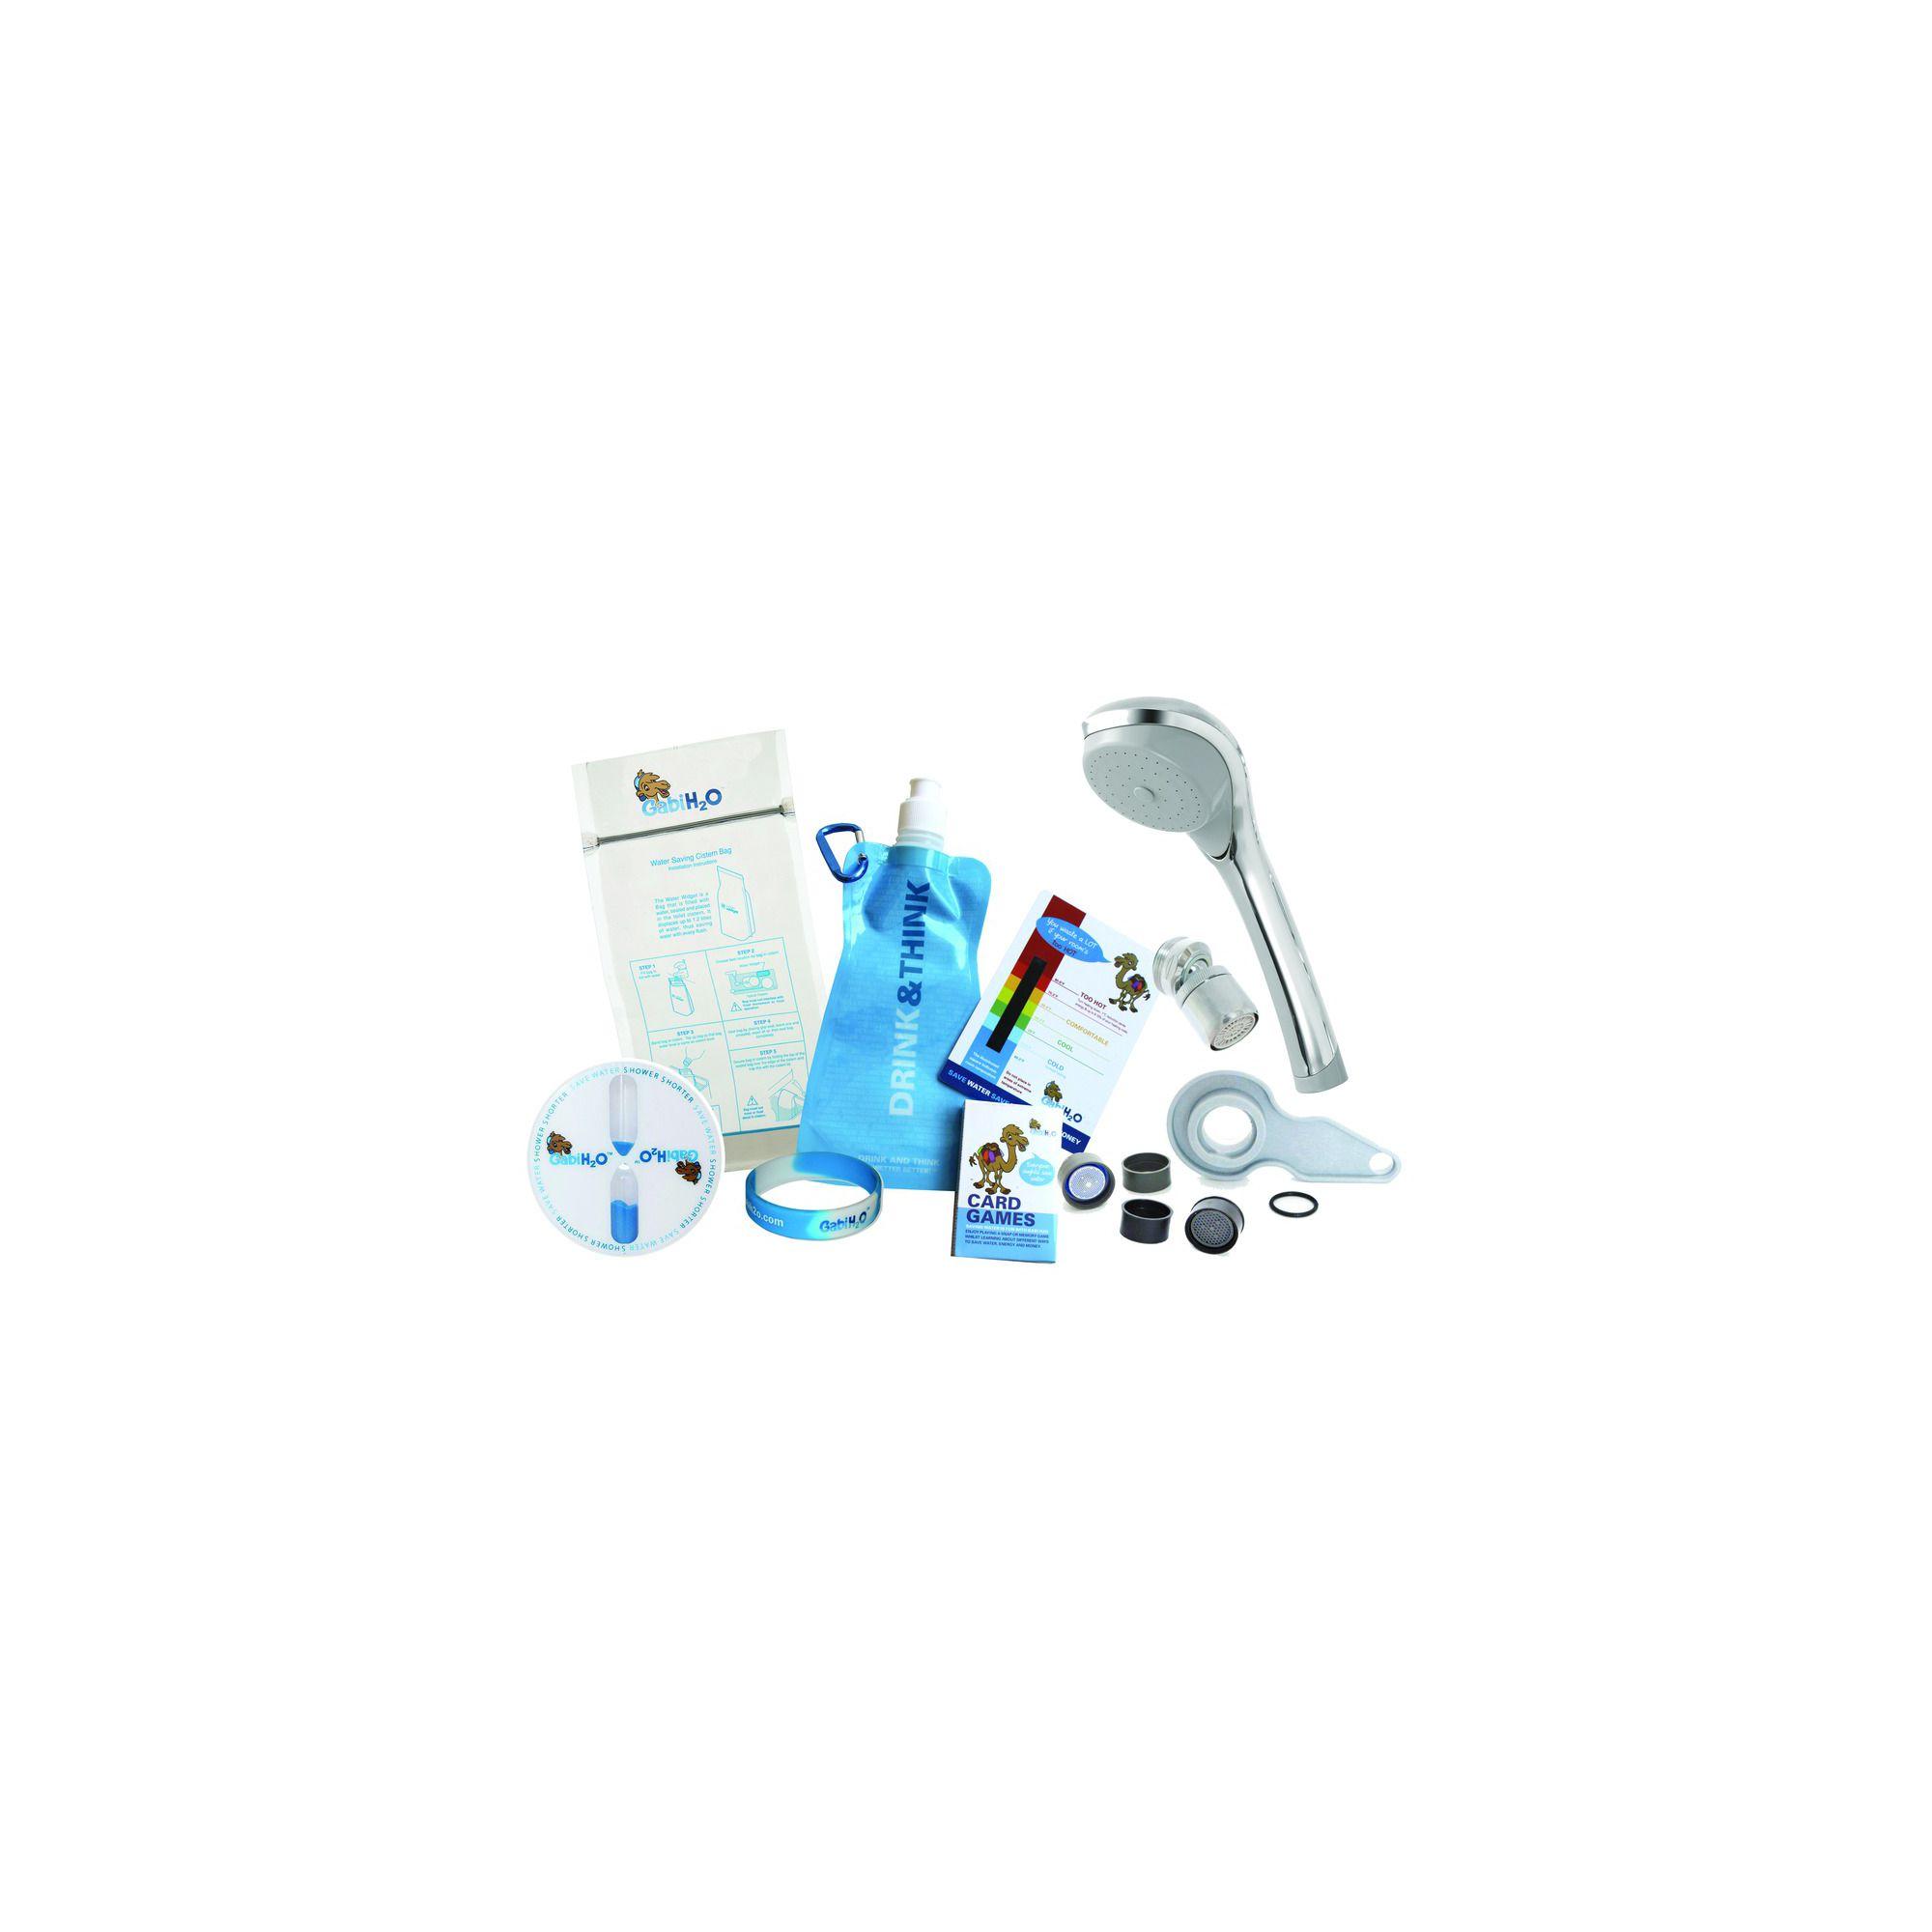 Myshop for Energy efficiency kit